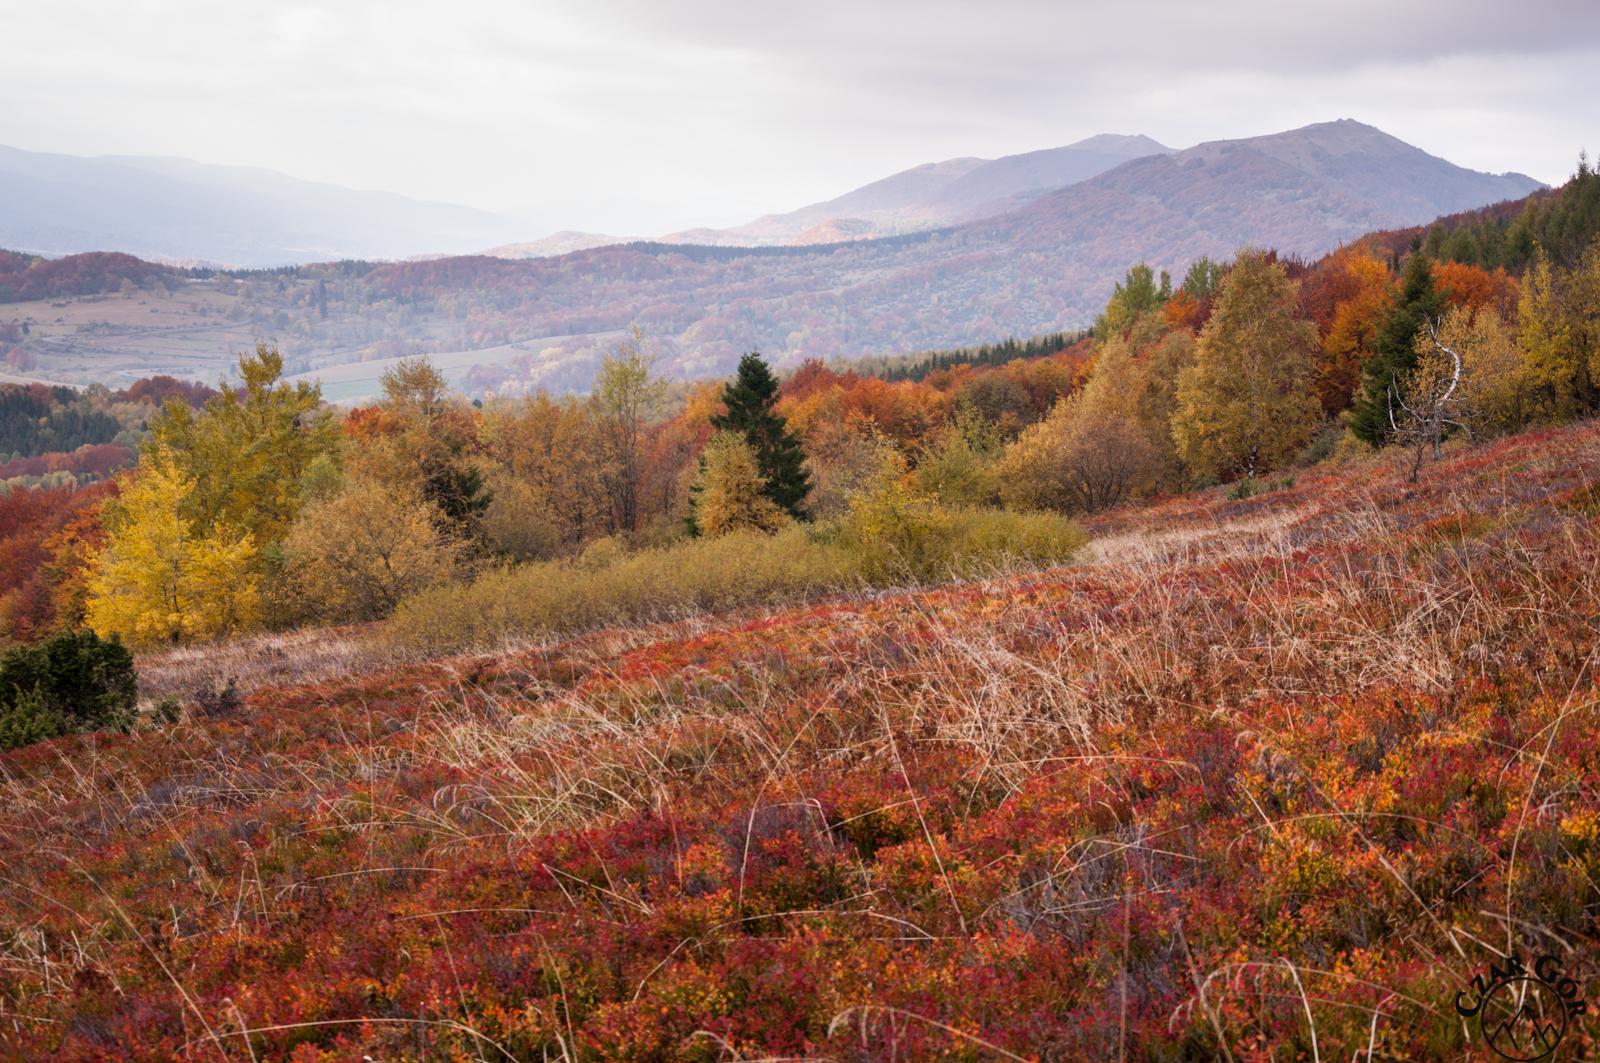 Kolorowa bieszczadzka jesień, w stronę Połoniny Wetlińskiej